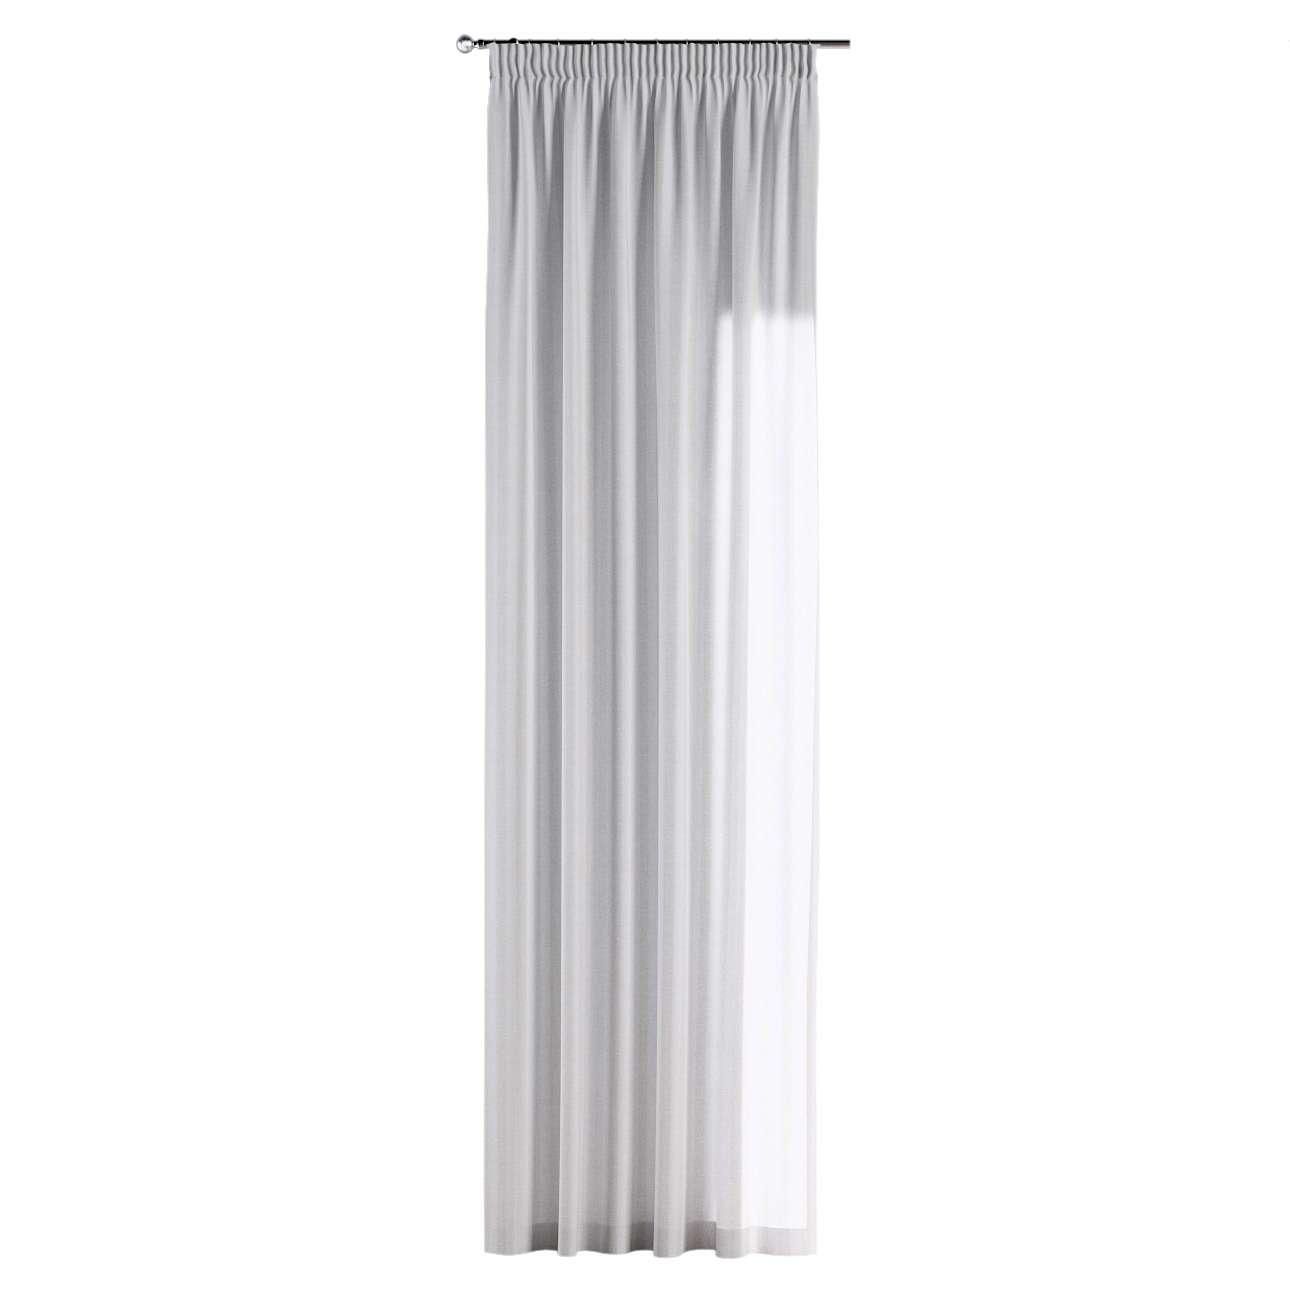 Zasłona na taśmie marszczącej 1 szt. 1szt 130x260 cm w kolekcji Linen, tkanina: 392-03